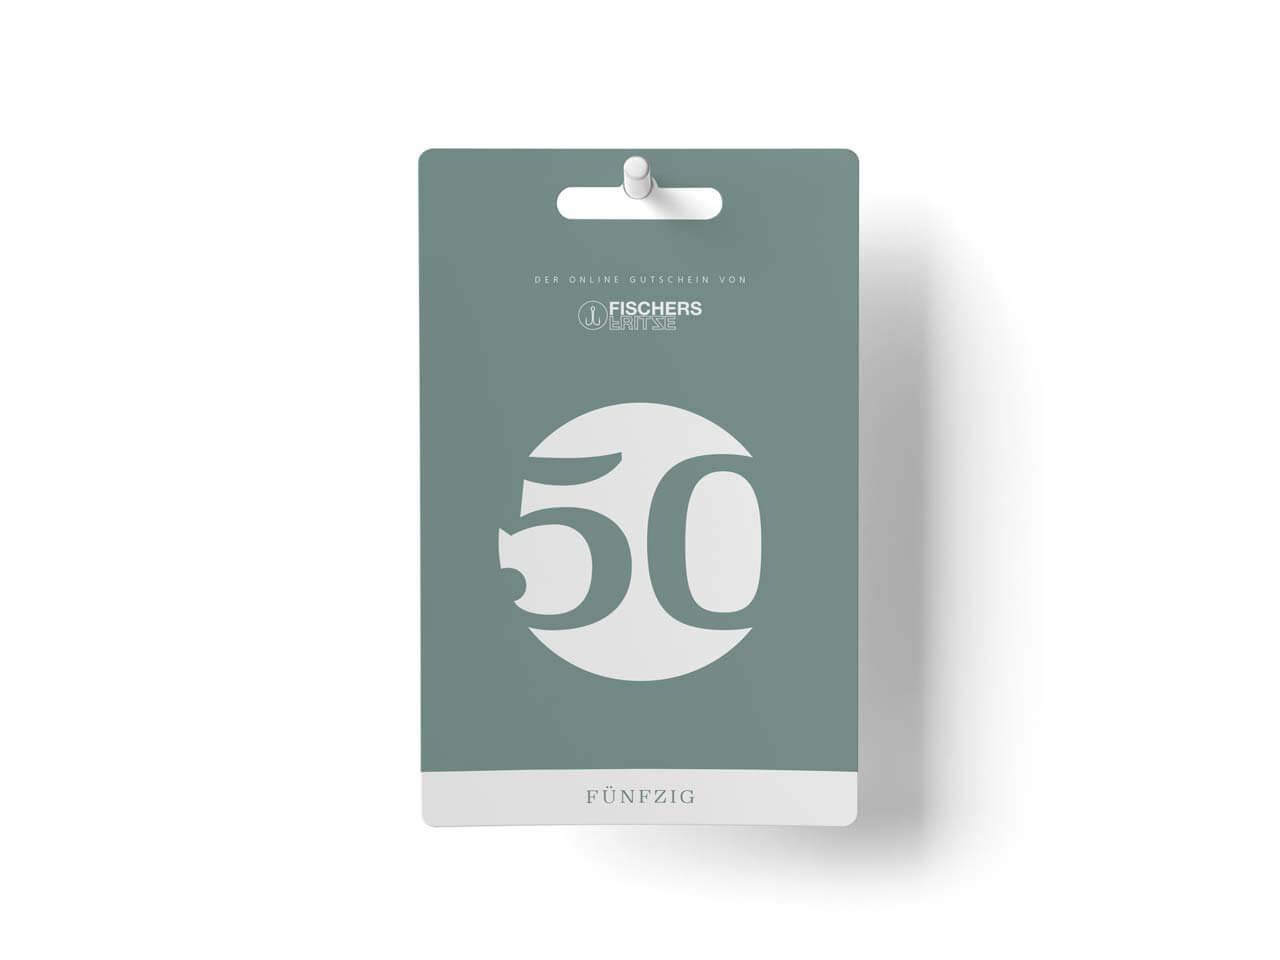 fischers-fritze-gutschein-50-euro